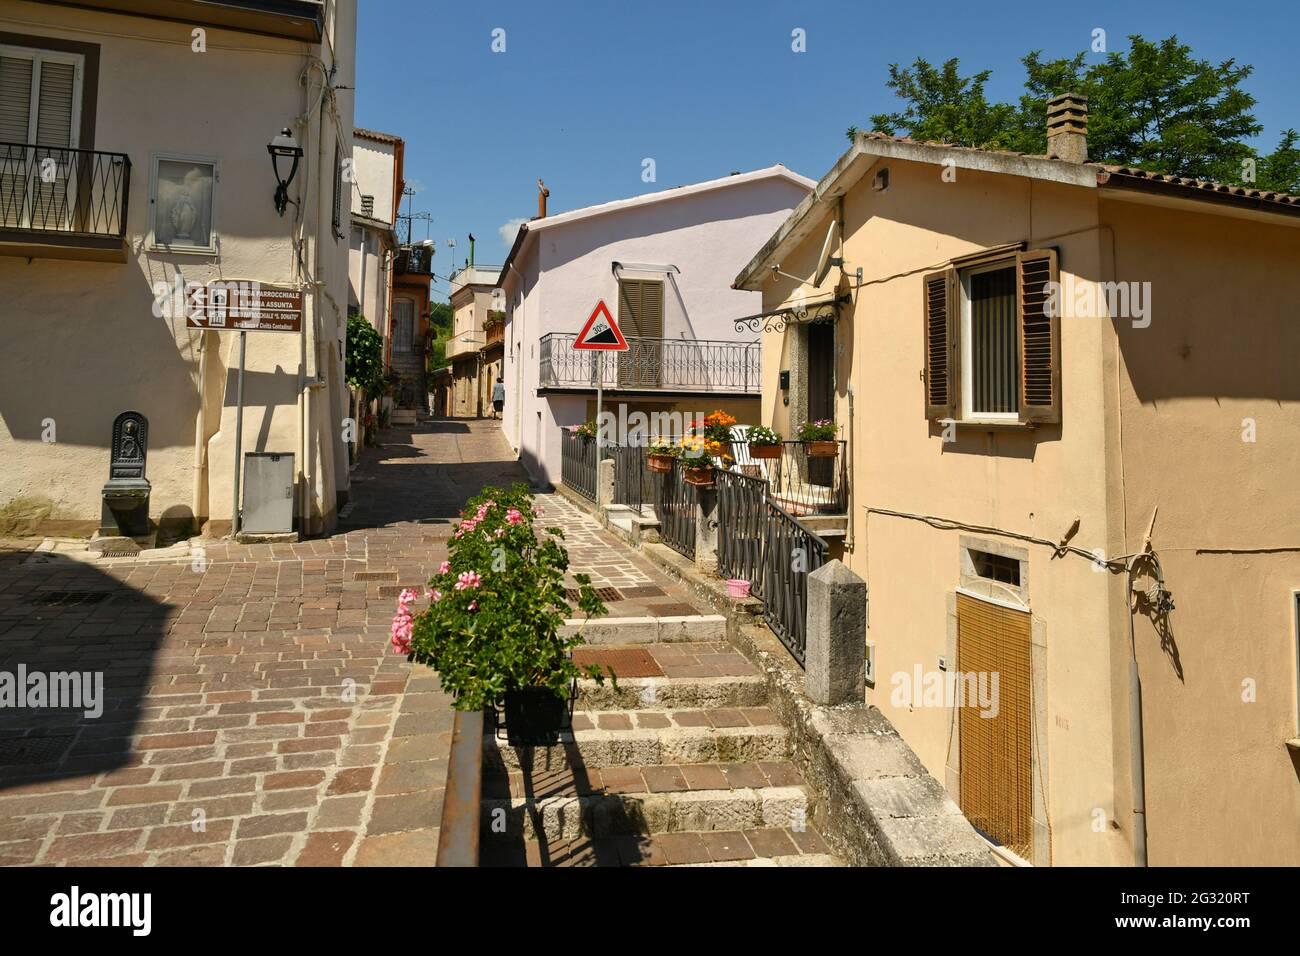 Ruvo del Monte, Italia, 06/12/2021. Una pequeña calle entre las casas antiguas de un pueblo medieval en la región de Basilicata. Foto de stock